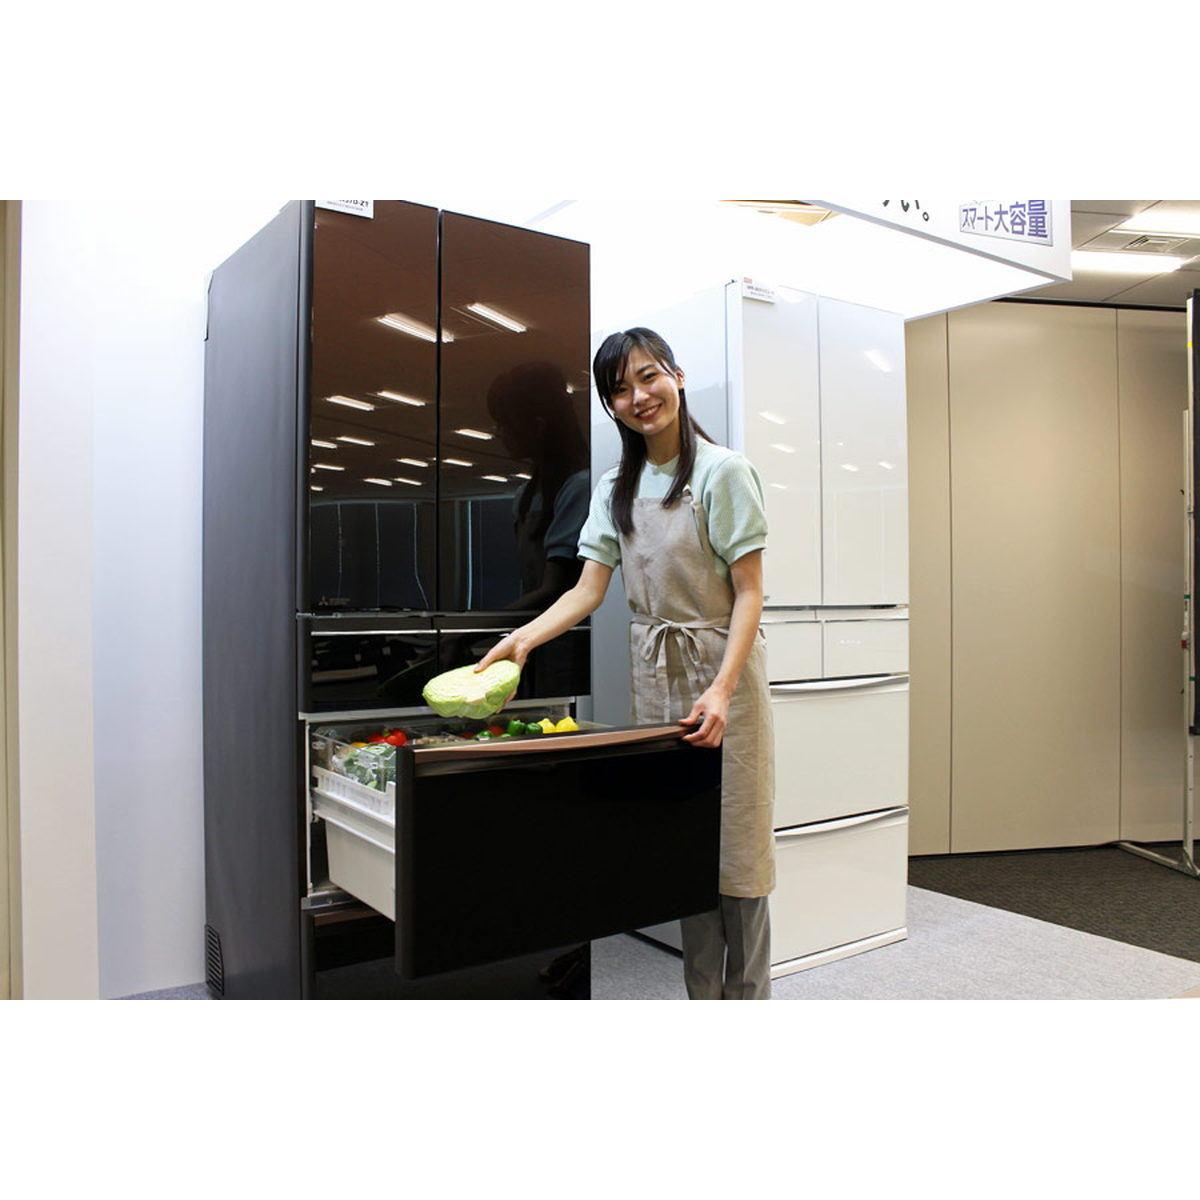 """野菜をよく使う人はうれしい! 三菱電機の""""真ん中野菜室""""冷蔵庫「MXシリーズ」は使い勝手がイイ!!"""